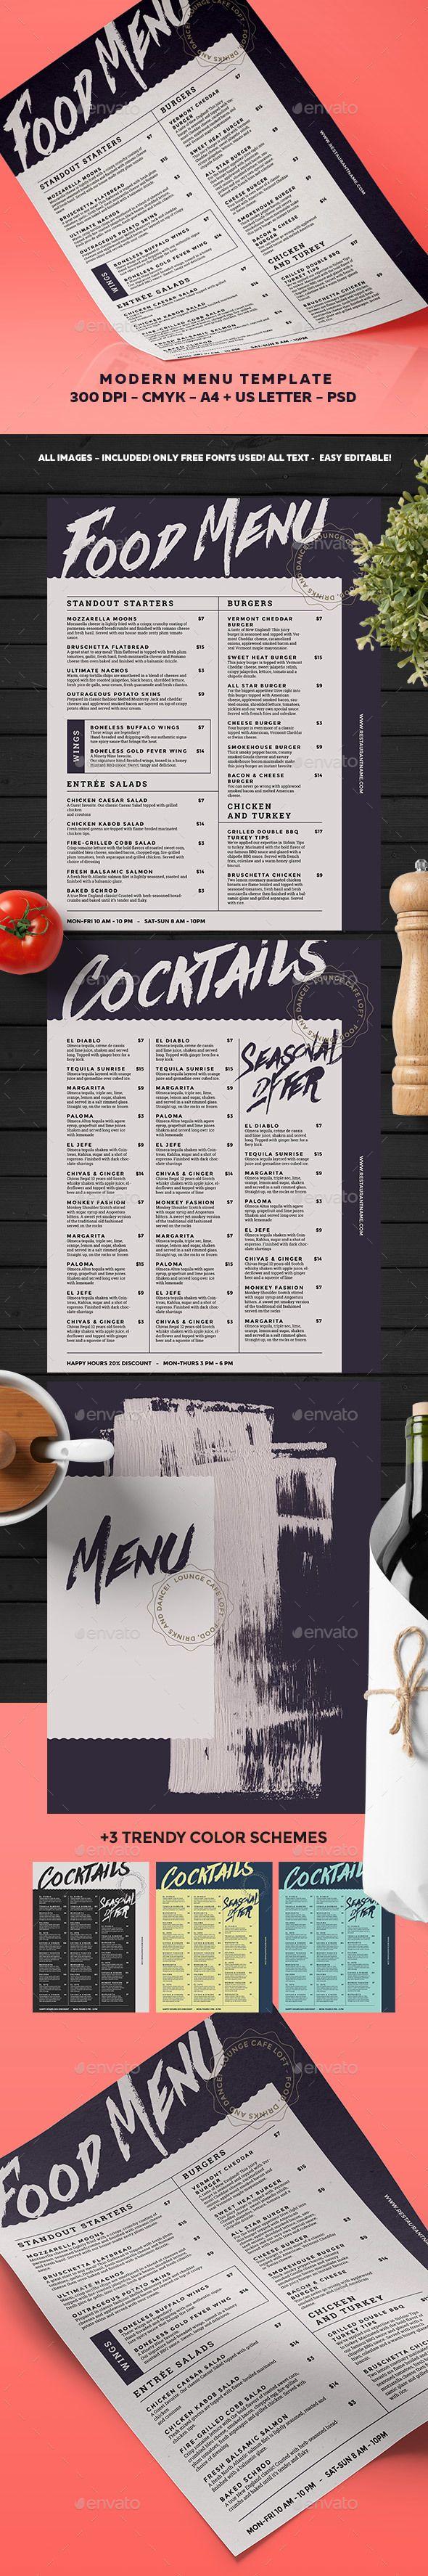 Menu Template - Food Menus Print Templates Download here : https://graphicriver.net/item/menu-template/17954376?s_rank=144&ref=Al-fatih